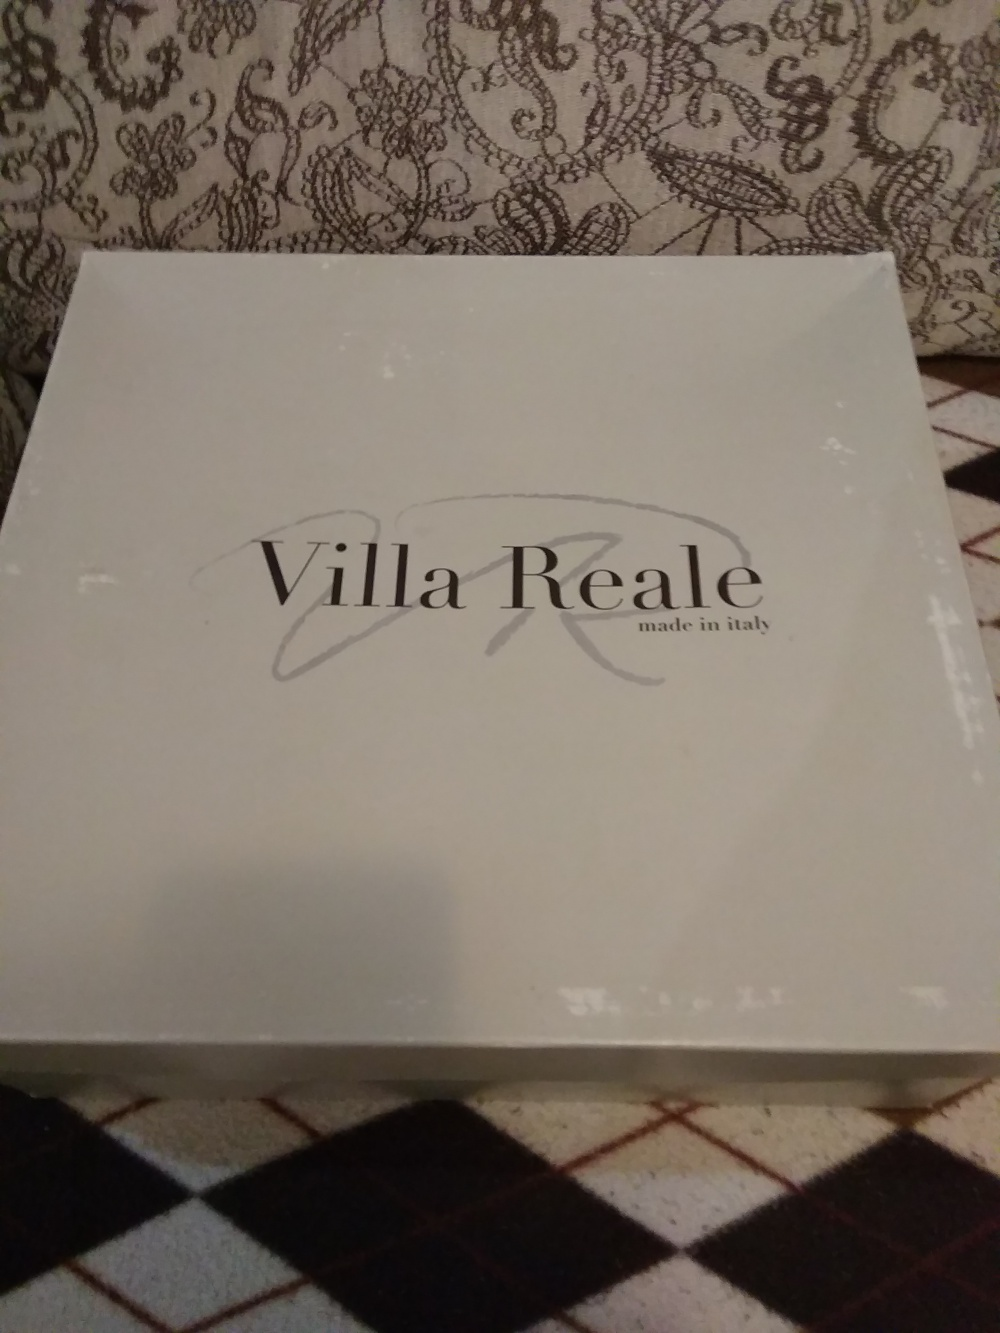 Замшевые ботильоны Villa reale, 38 размер